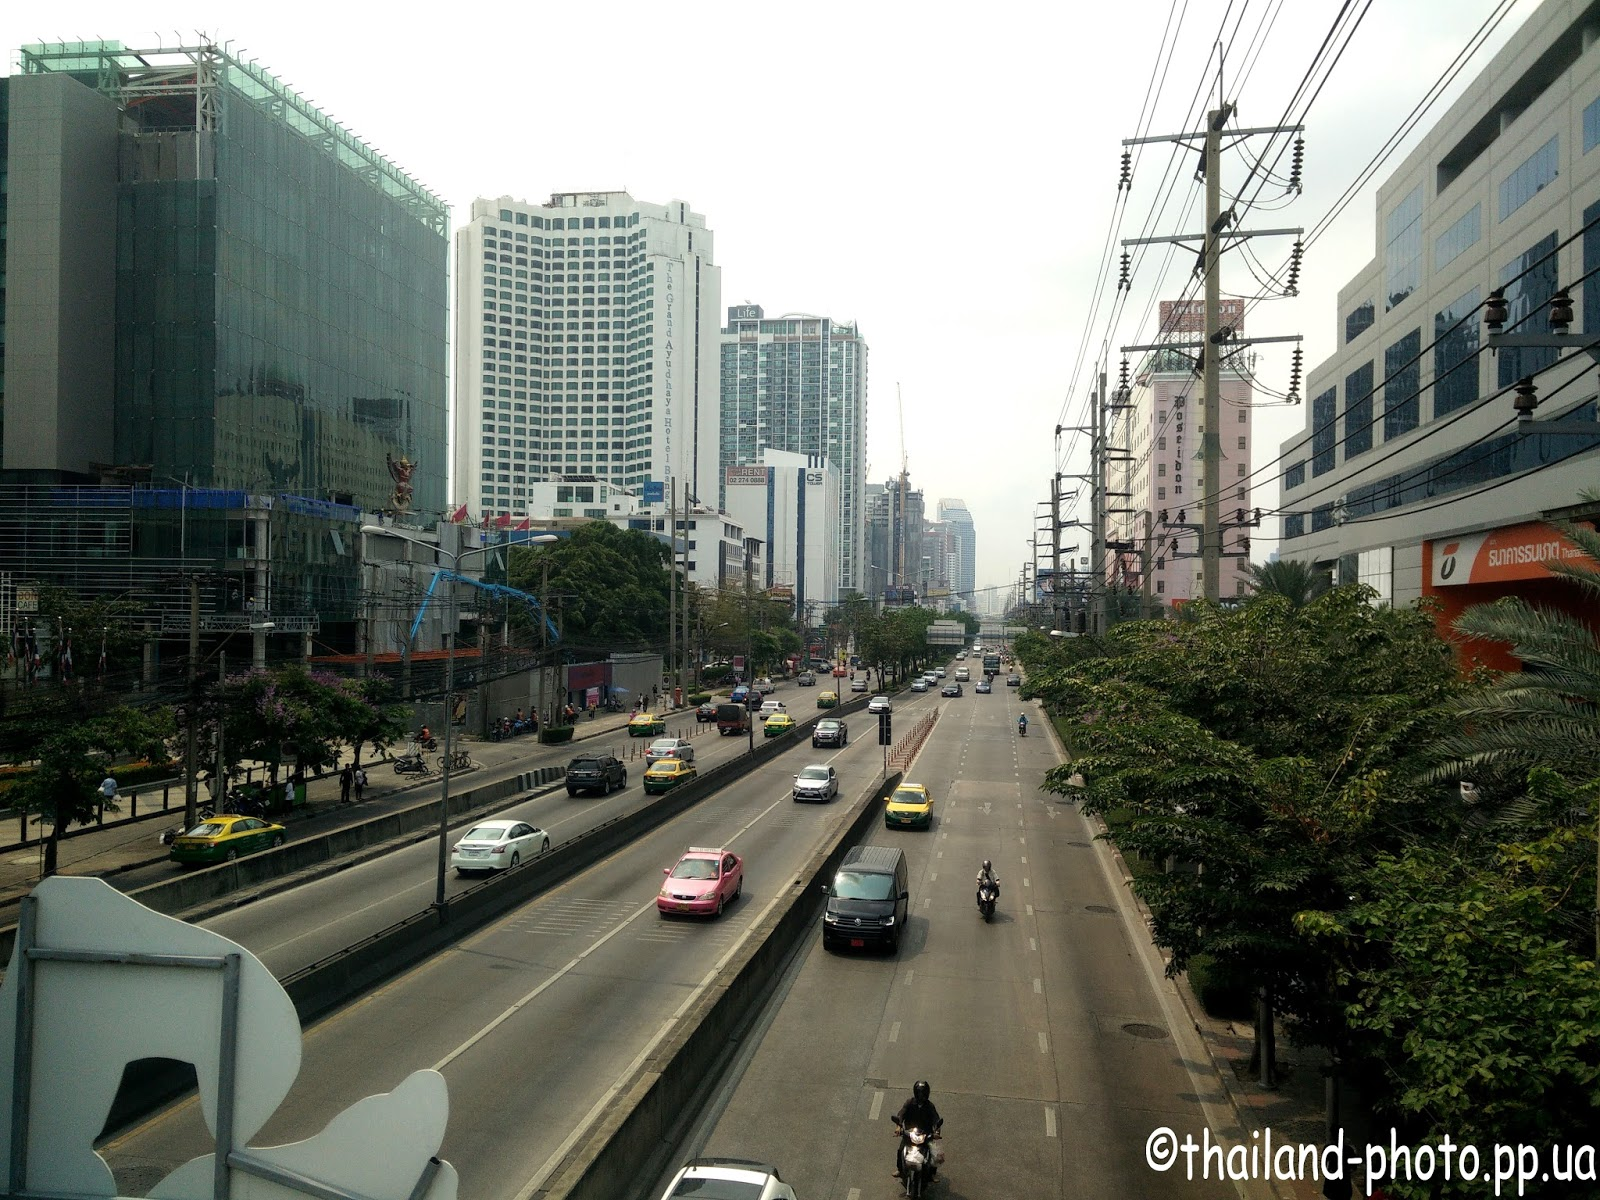 Фото Бангкока в хорошем качестве